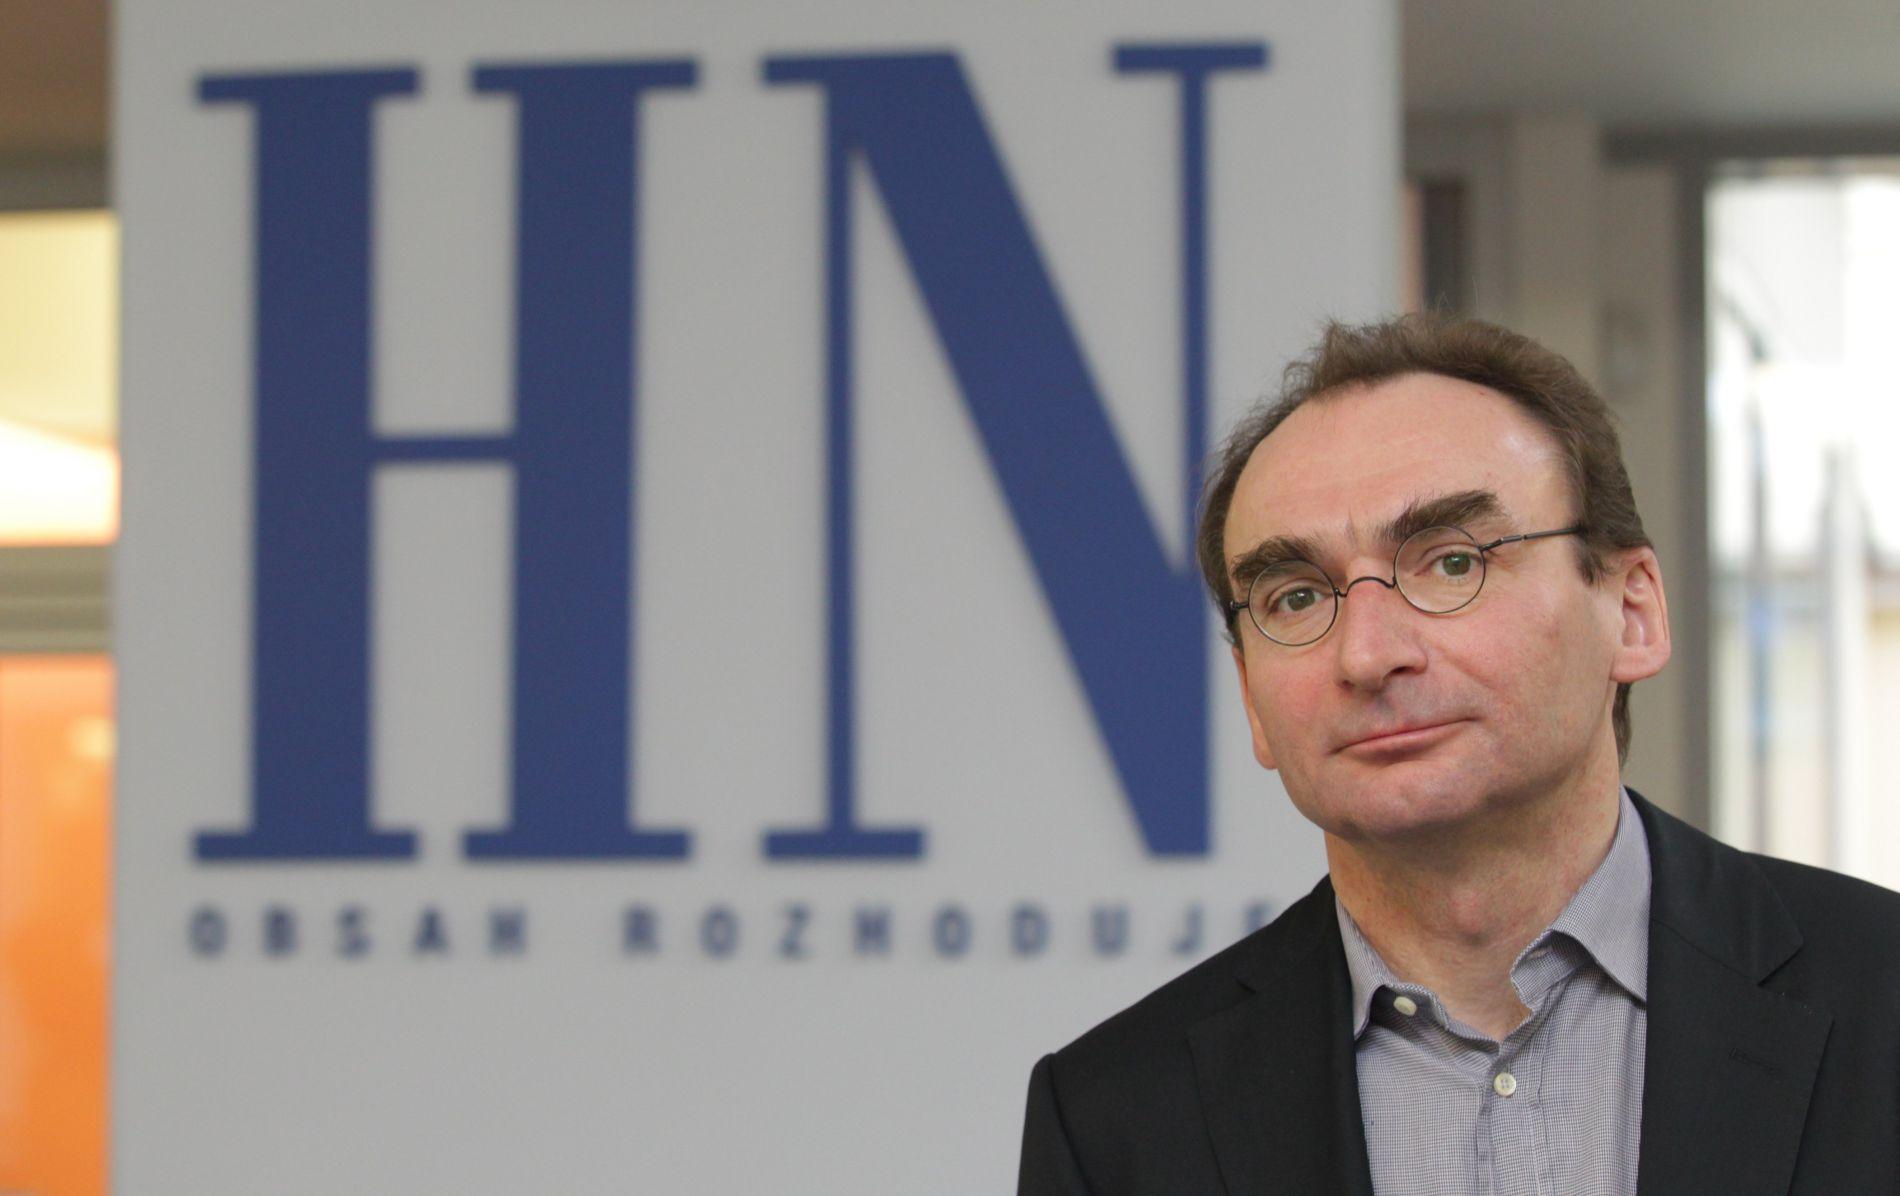 Novinář Petr Šabata dříve vedl také Hospodářské noviny